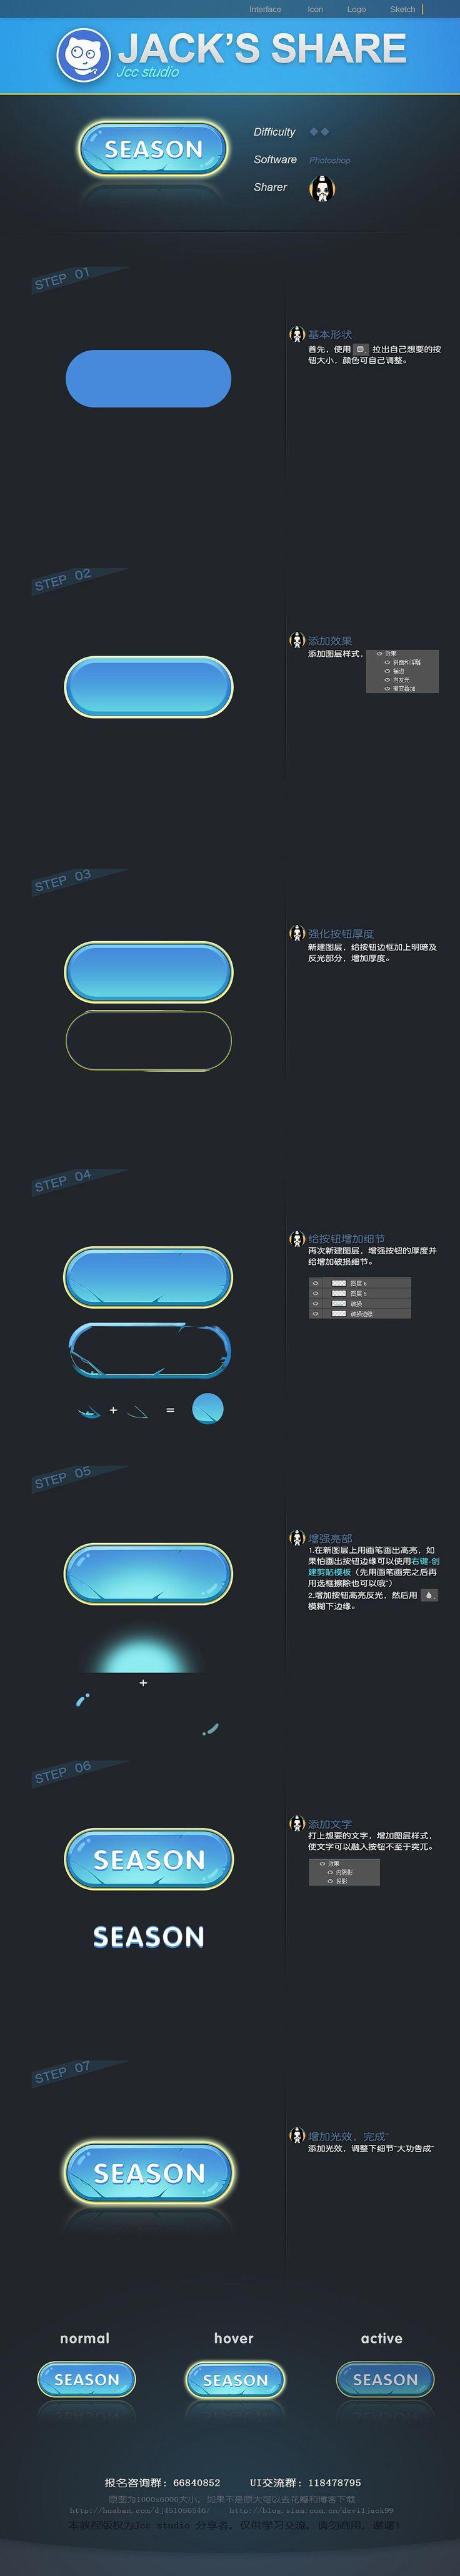 Jack's share Season按钮 |GAMEUI- 游戏设计圈聚集地 | 游戏UI | 游戏界面 | 游戏图标 | 游戏网站 | 游戏群 | 游戏设计